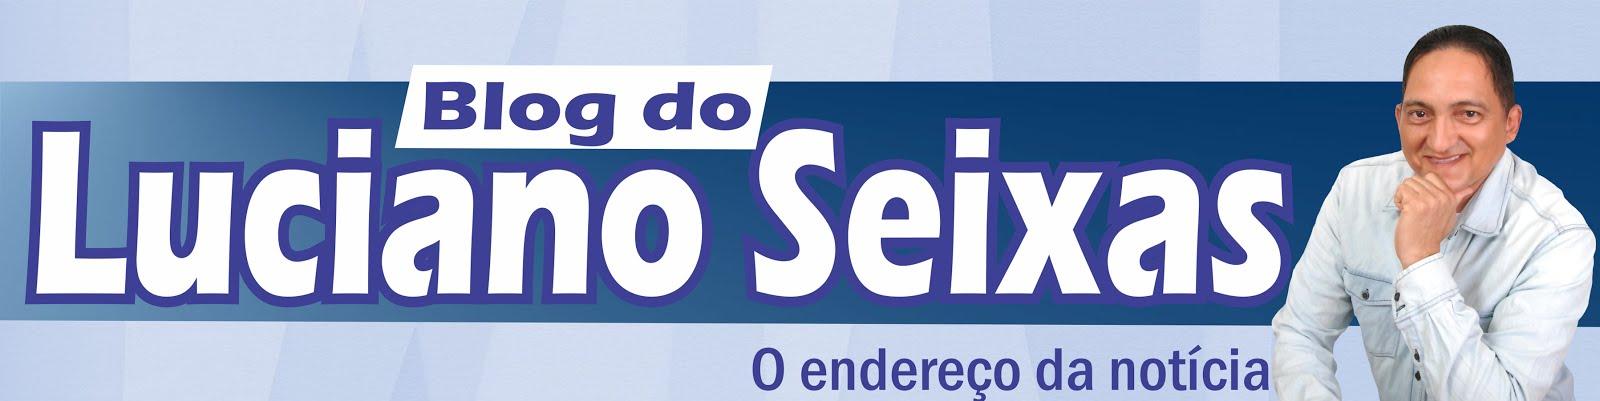 Blog Luciano Seixas